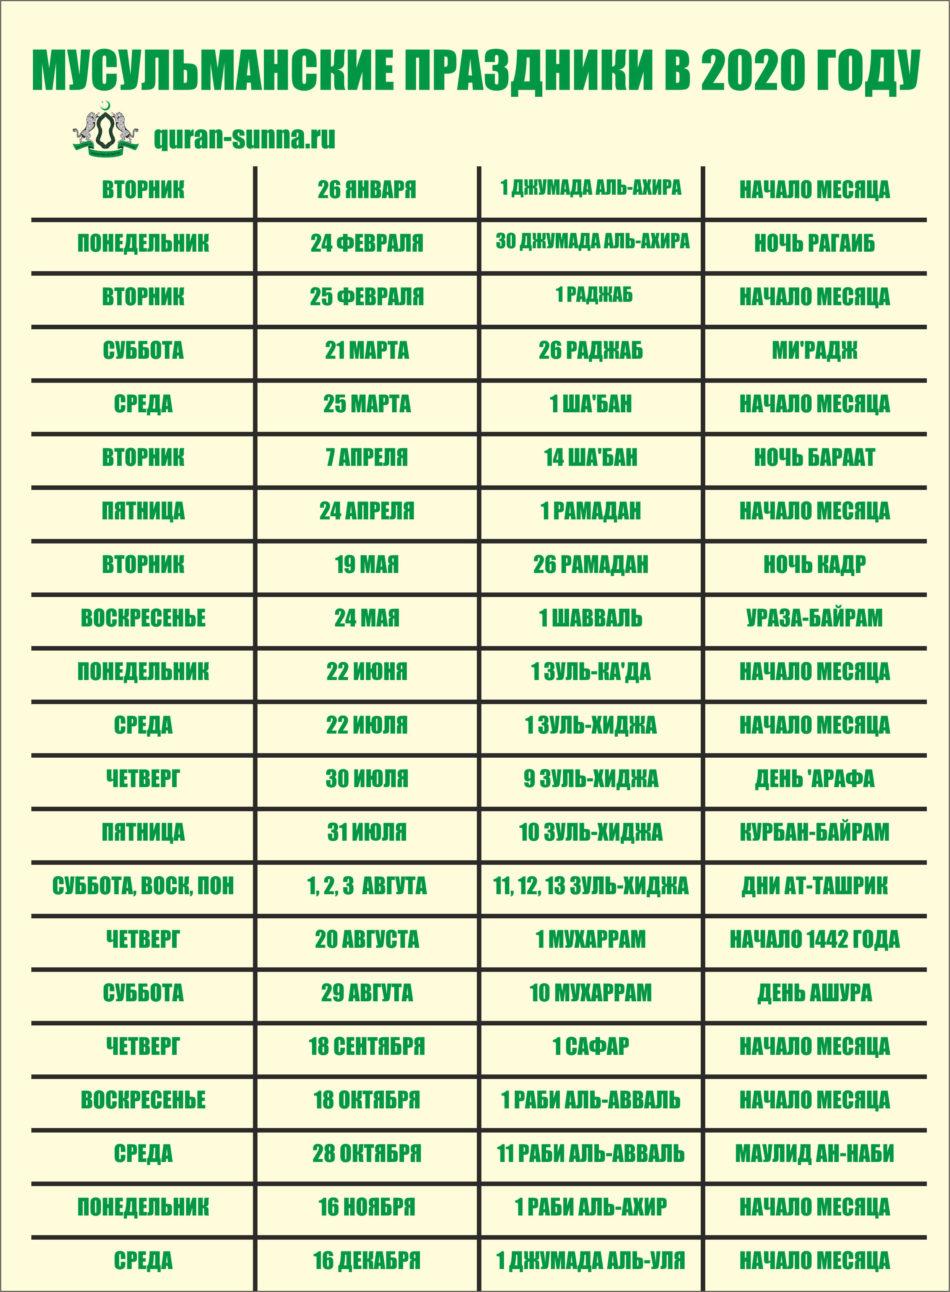 Мусульманские праздники в 2020 году: Инфографика